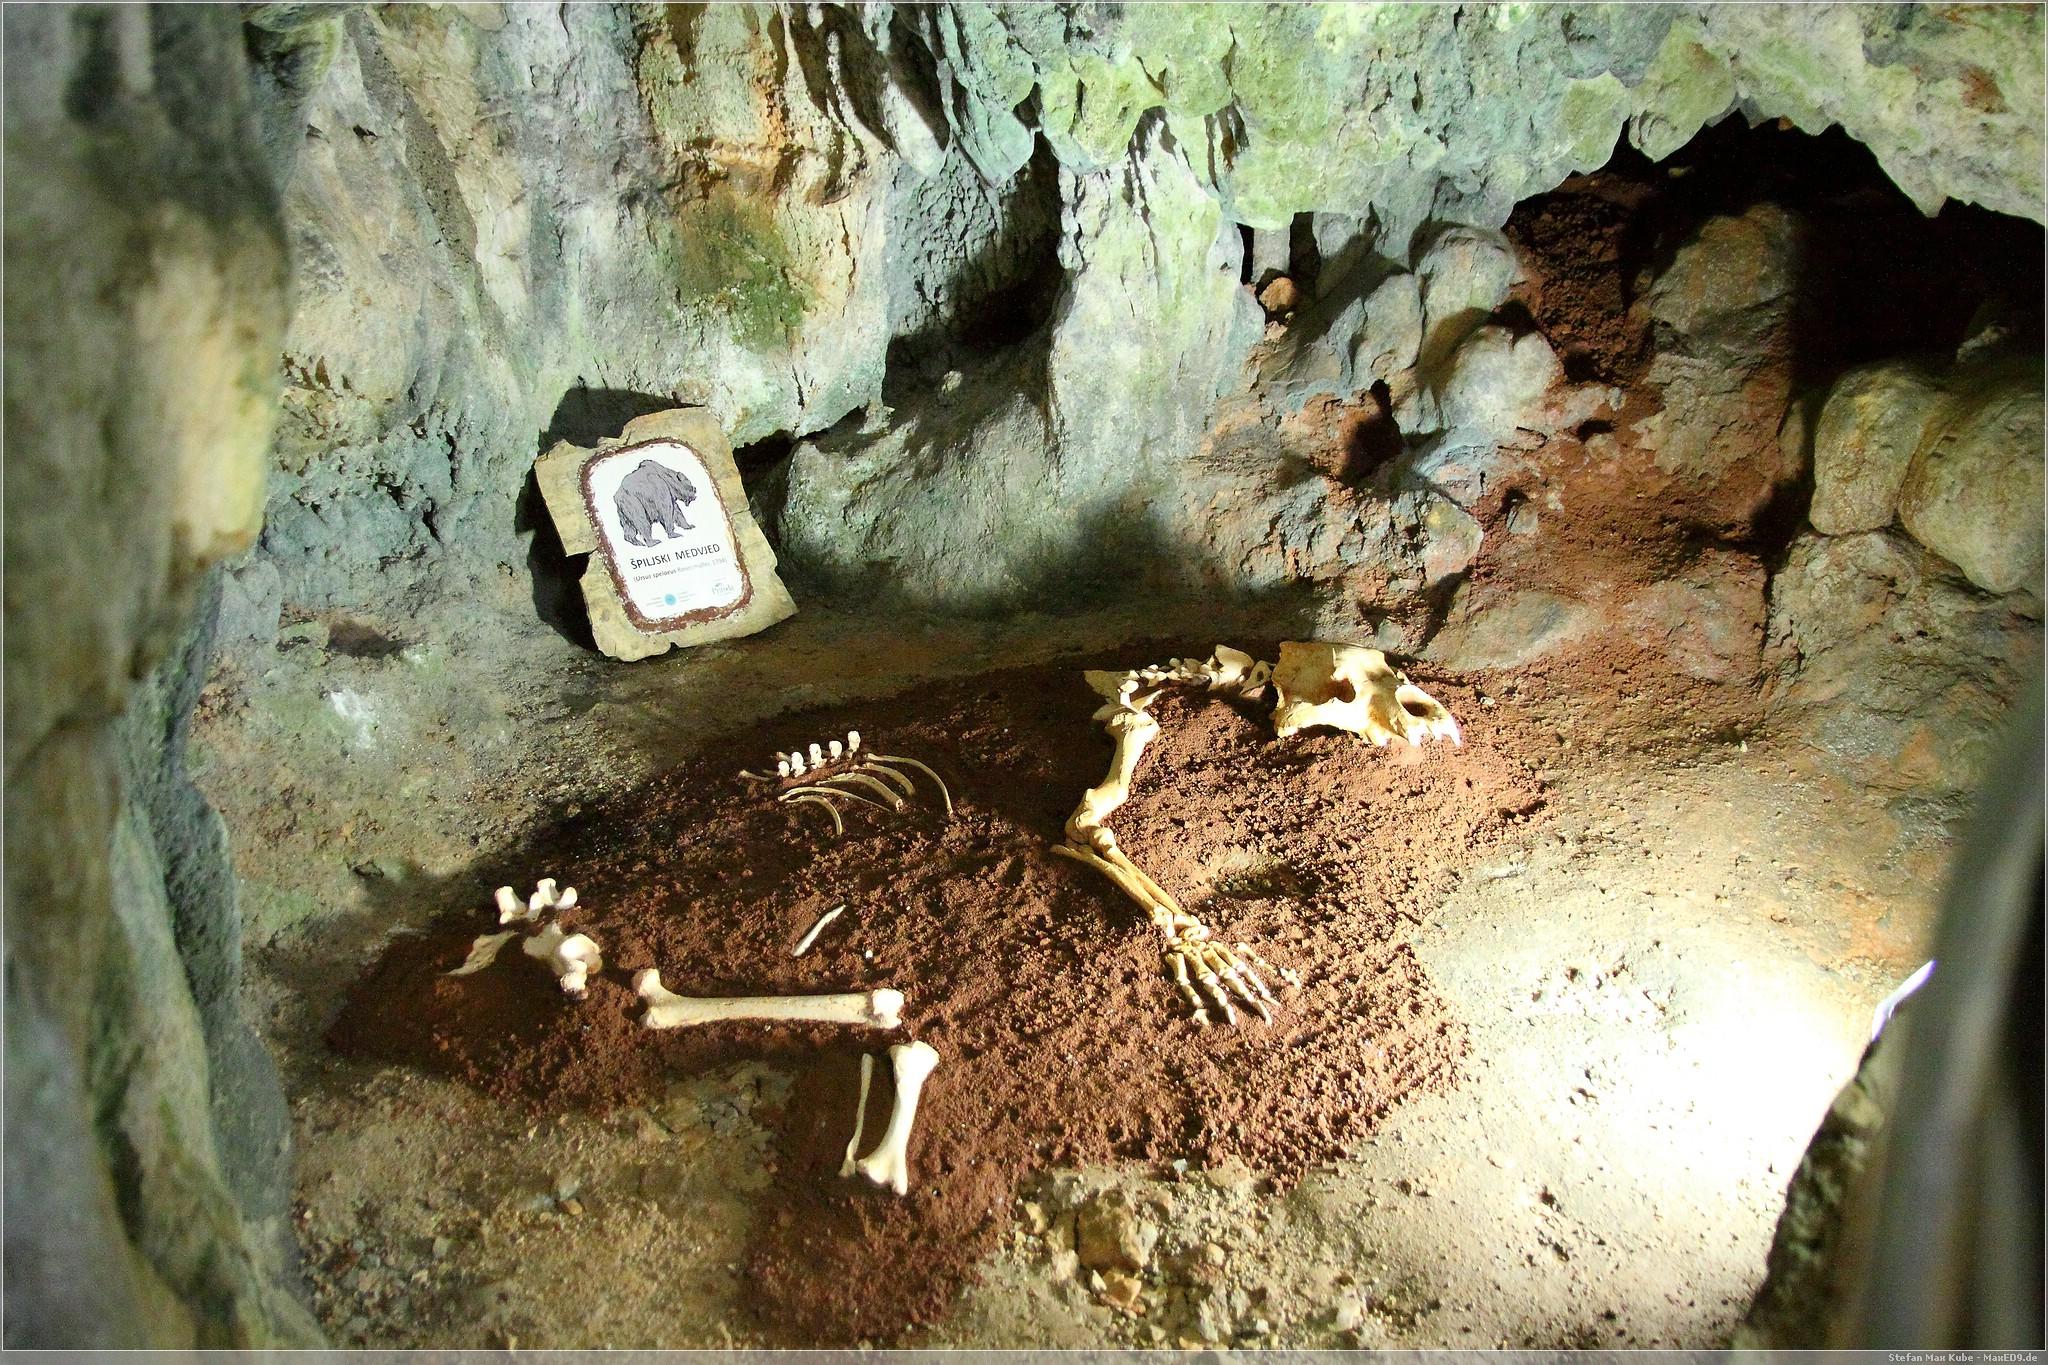 Bärenskelett in der Höhle Biserujka